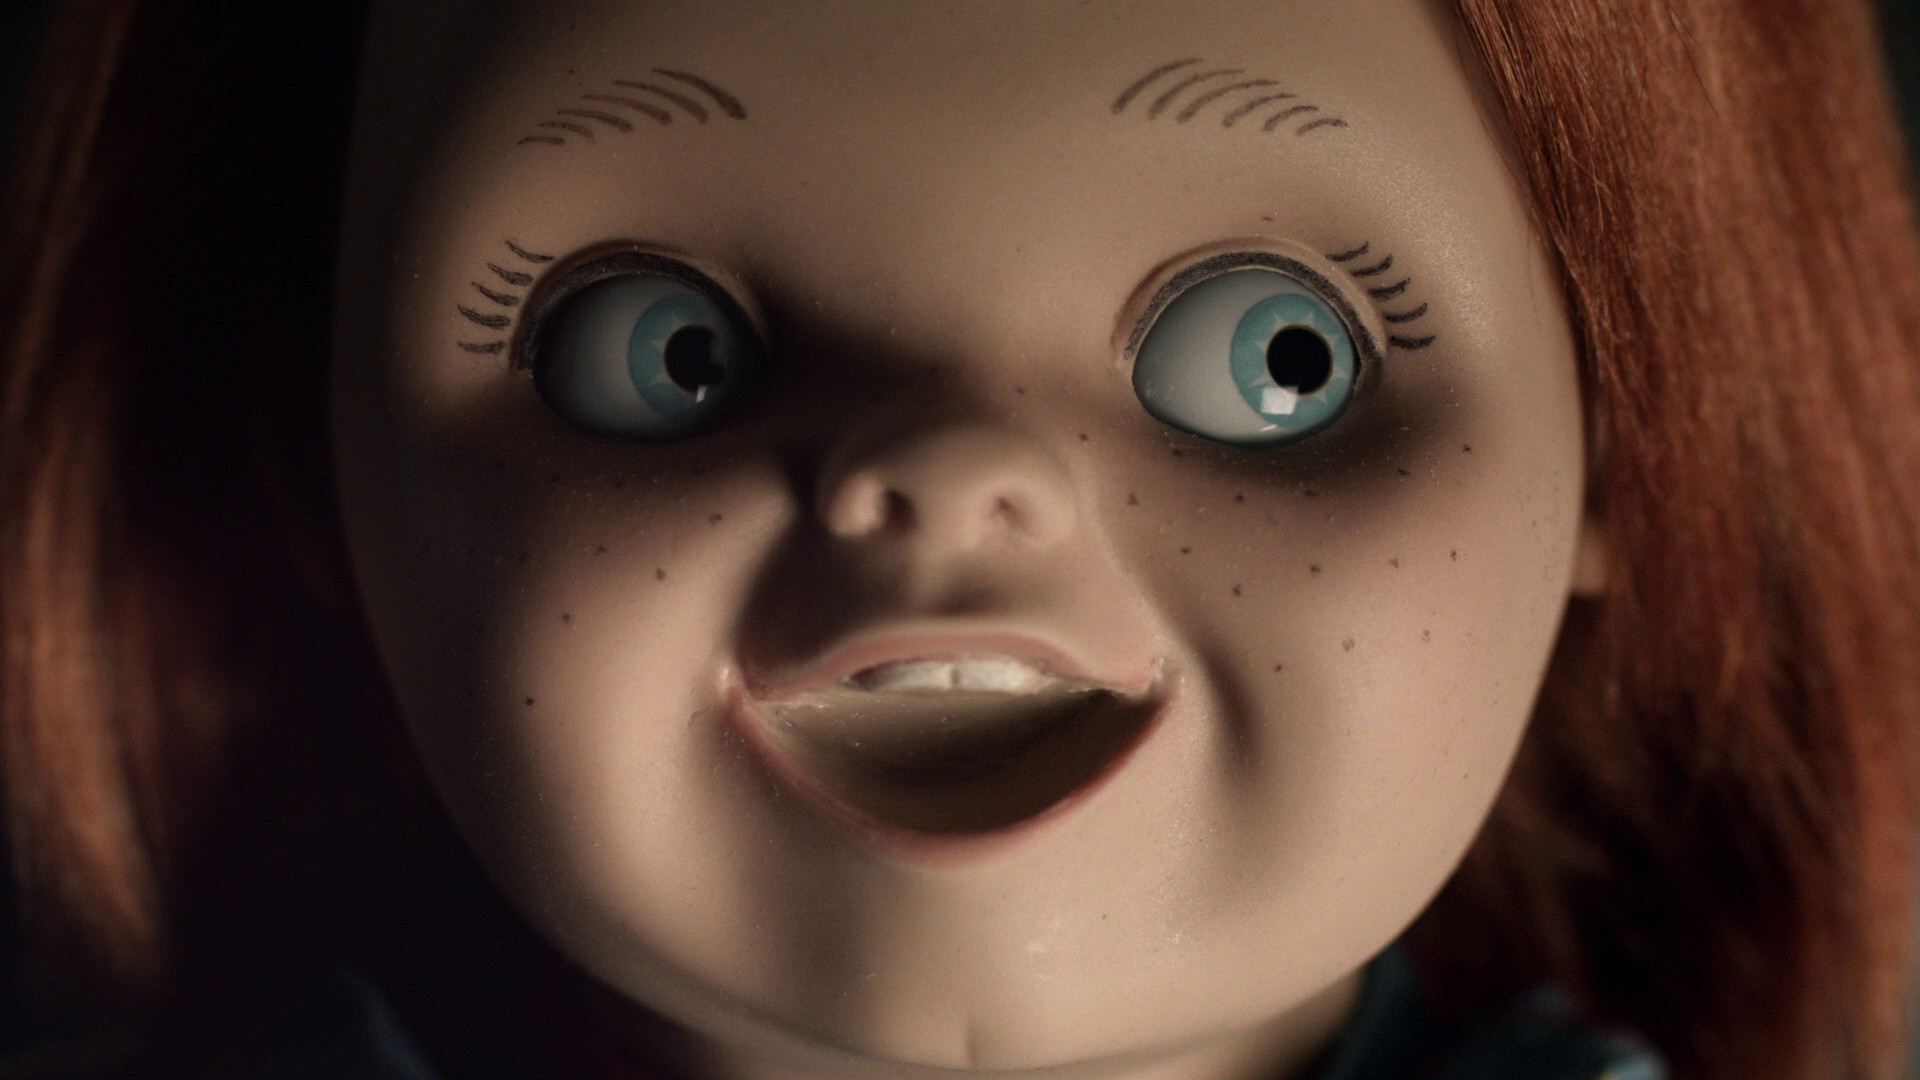 Chucky-Doll-Full-HD-Wallpaper.jpg